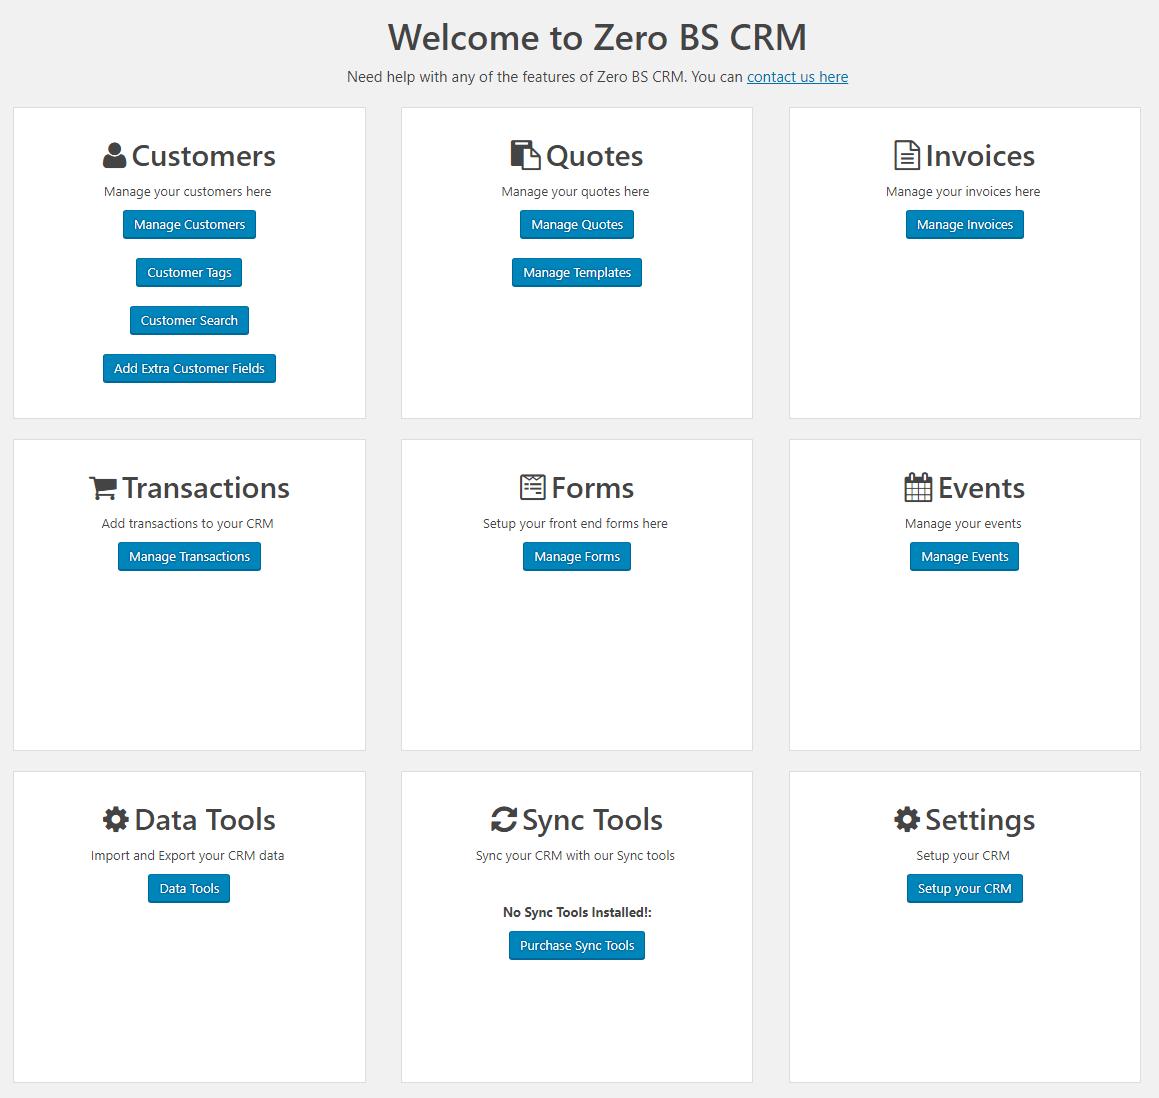 Zero BS CRM Main Panel